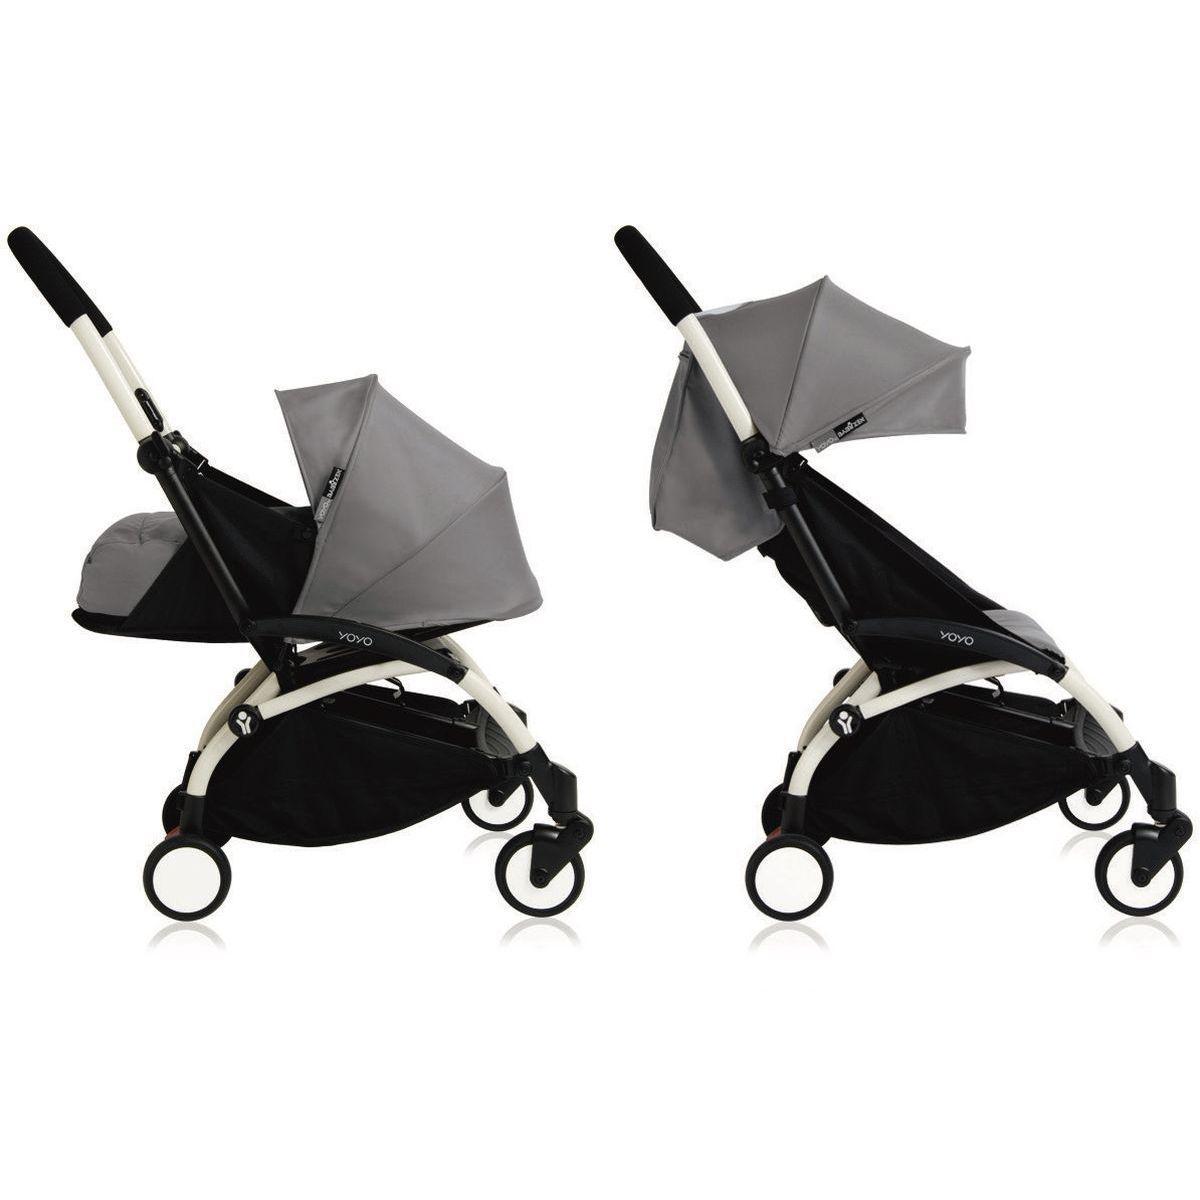 Silla paseo bebé-infantil YOYO+ 0+ a 6+ Babyzen blanco-gris